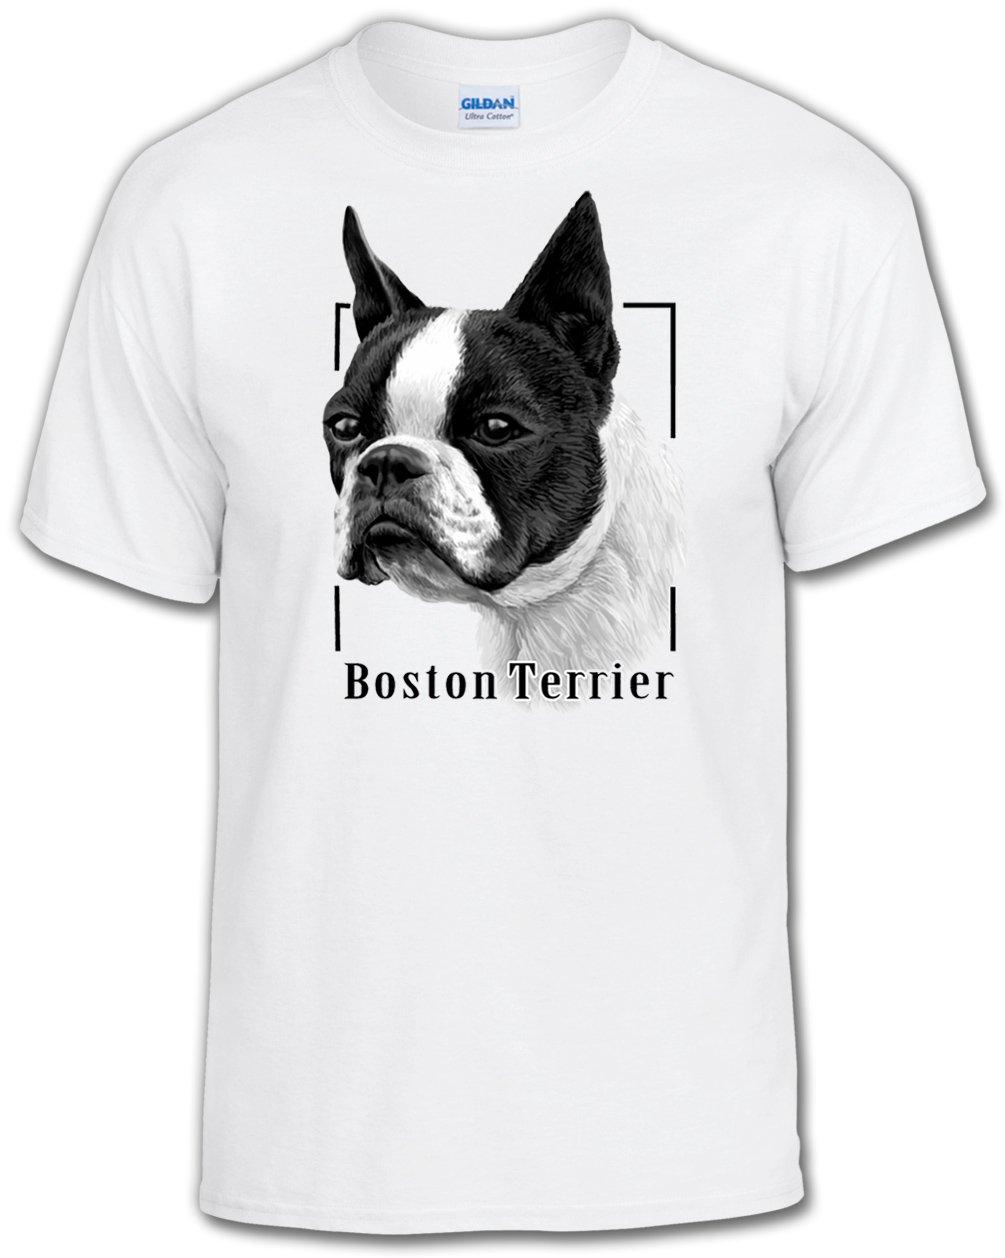 【新品、本物、当店在庫だから安心】 Dog Lover Lover Tシャツ:ボストンテリア Adult Adult XXX-Large ホワイト ホワイト B01DCHI95U, アイエールショップ:51cb836d --- a0267596.xsph.ru